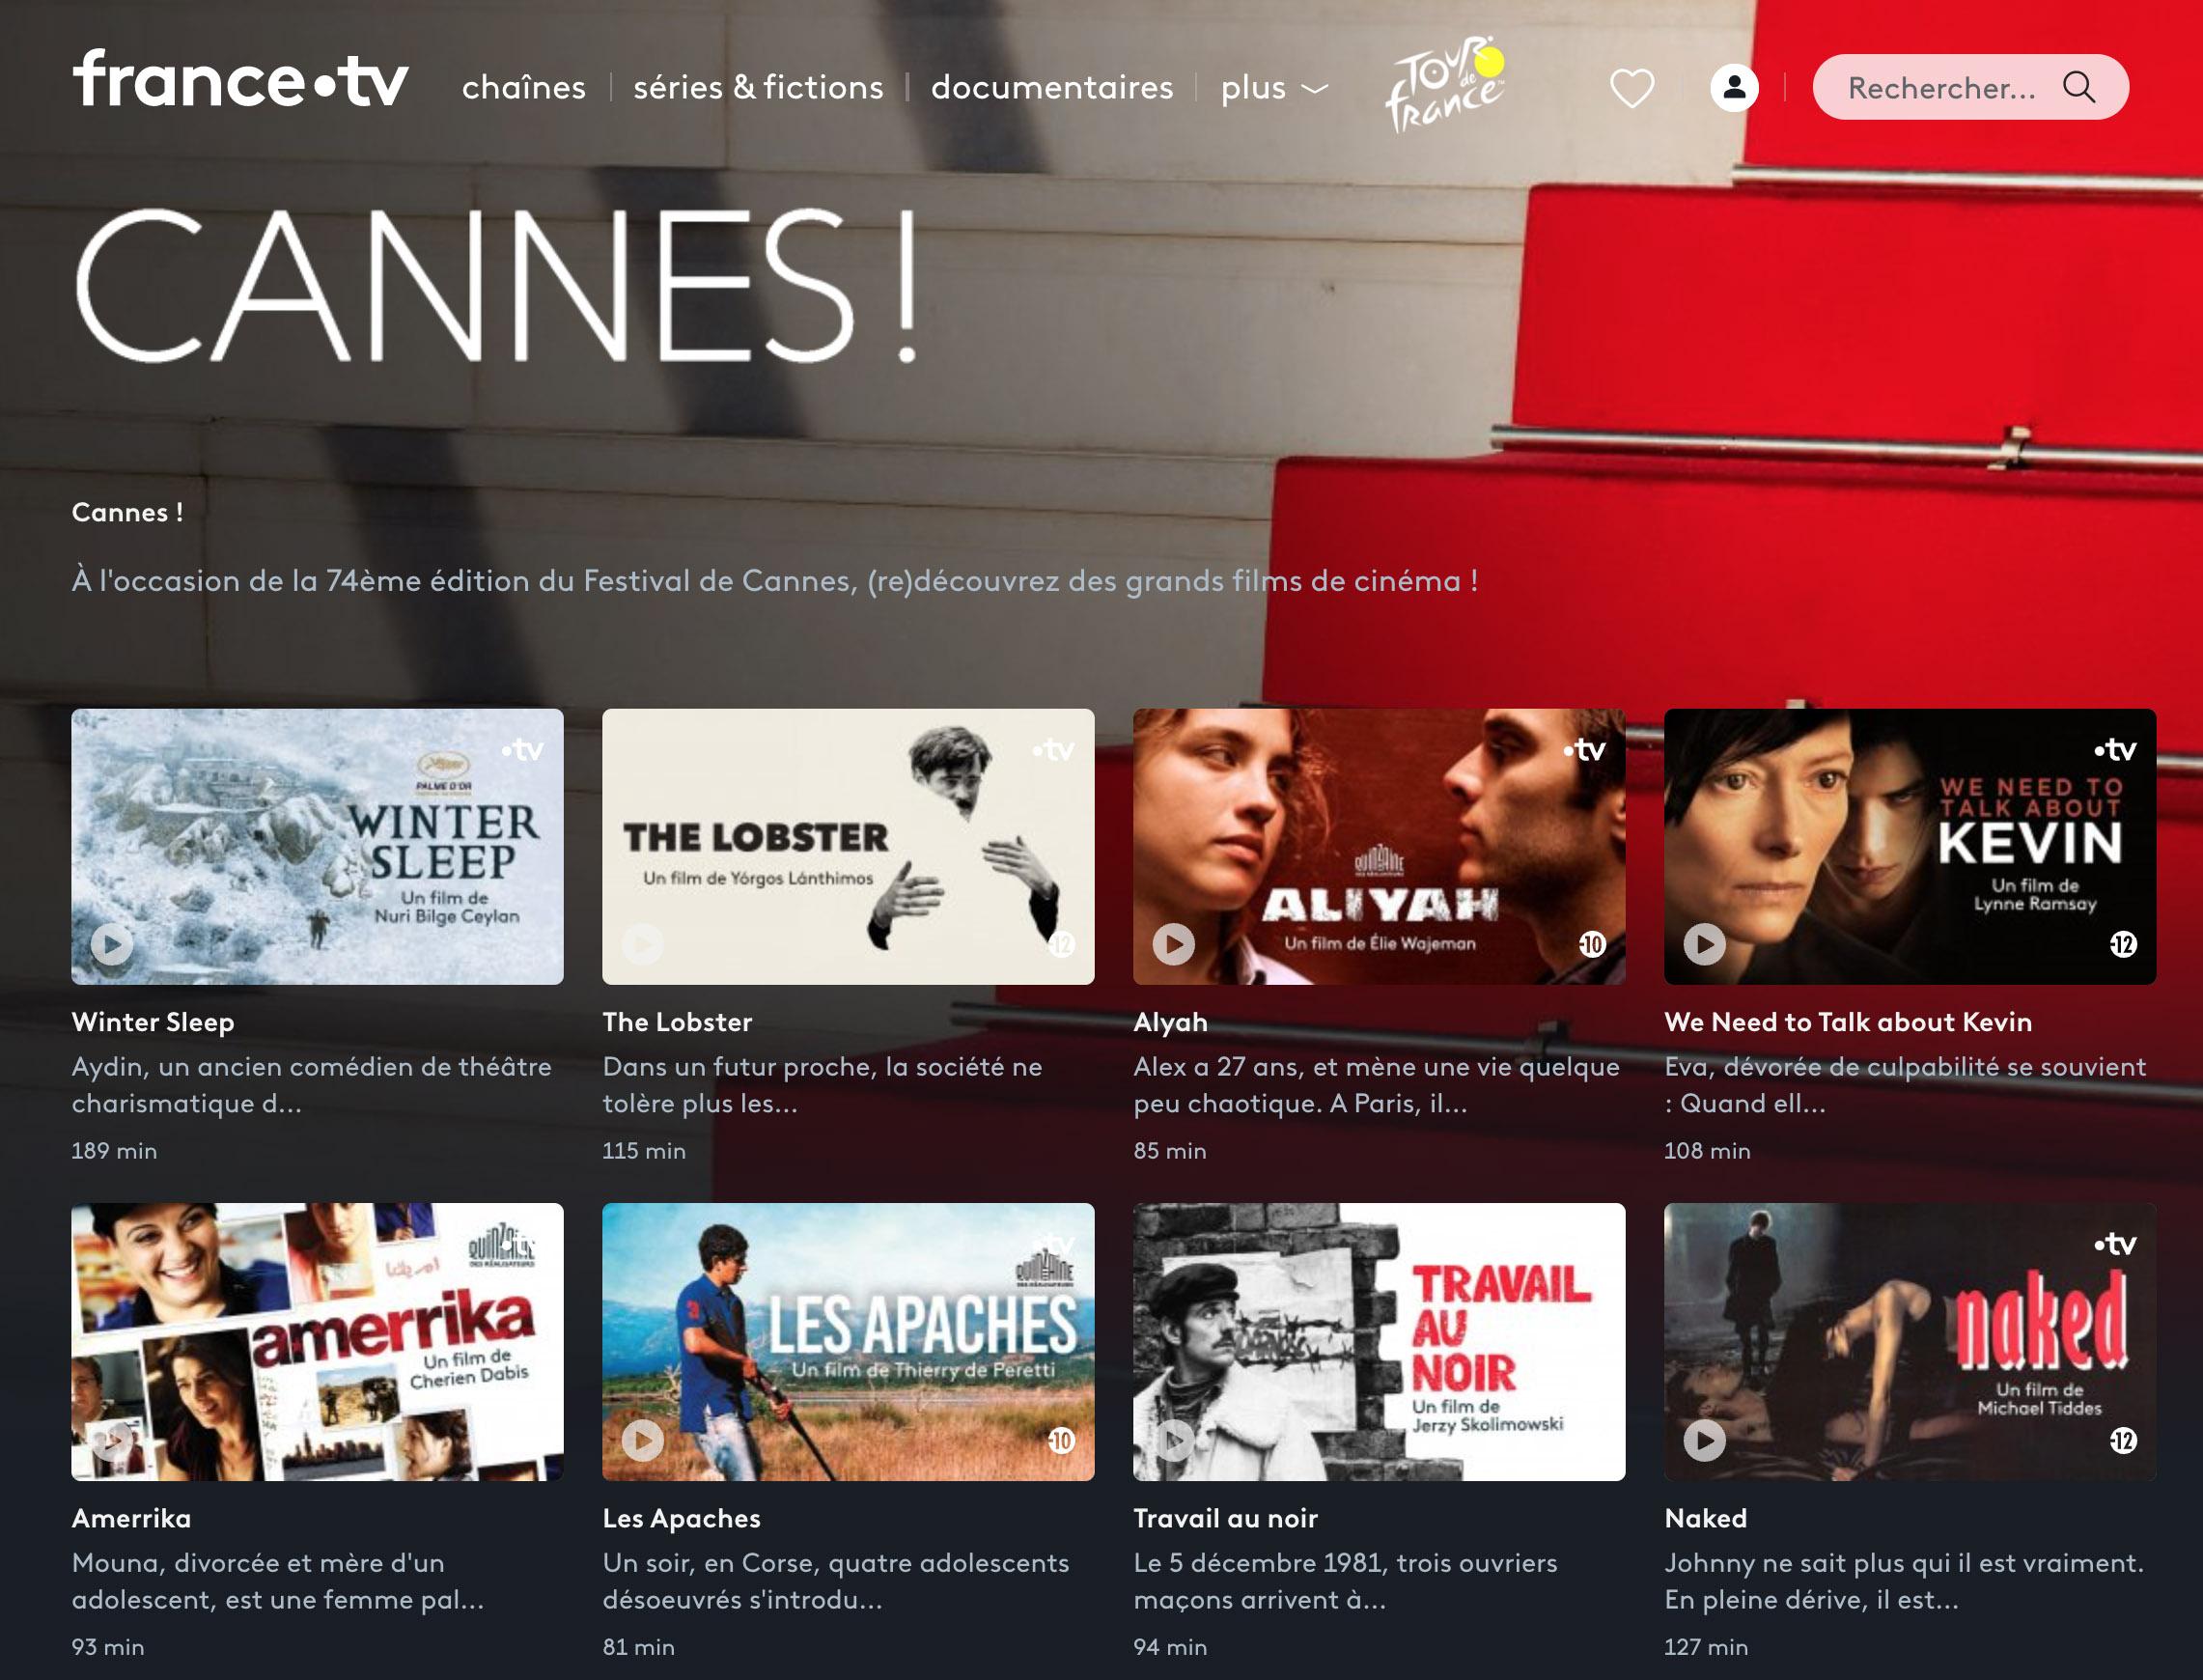 Le Festival de Cannes déroule le tapis rouge aux corses